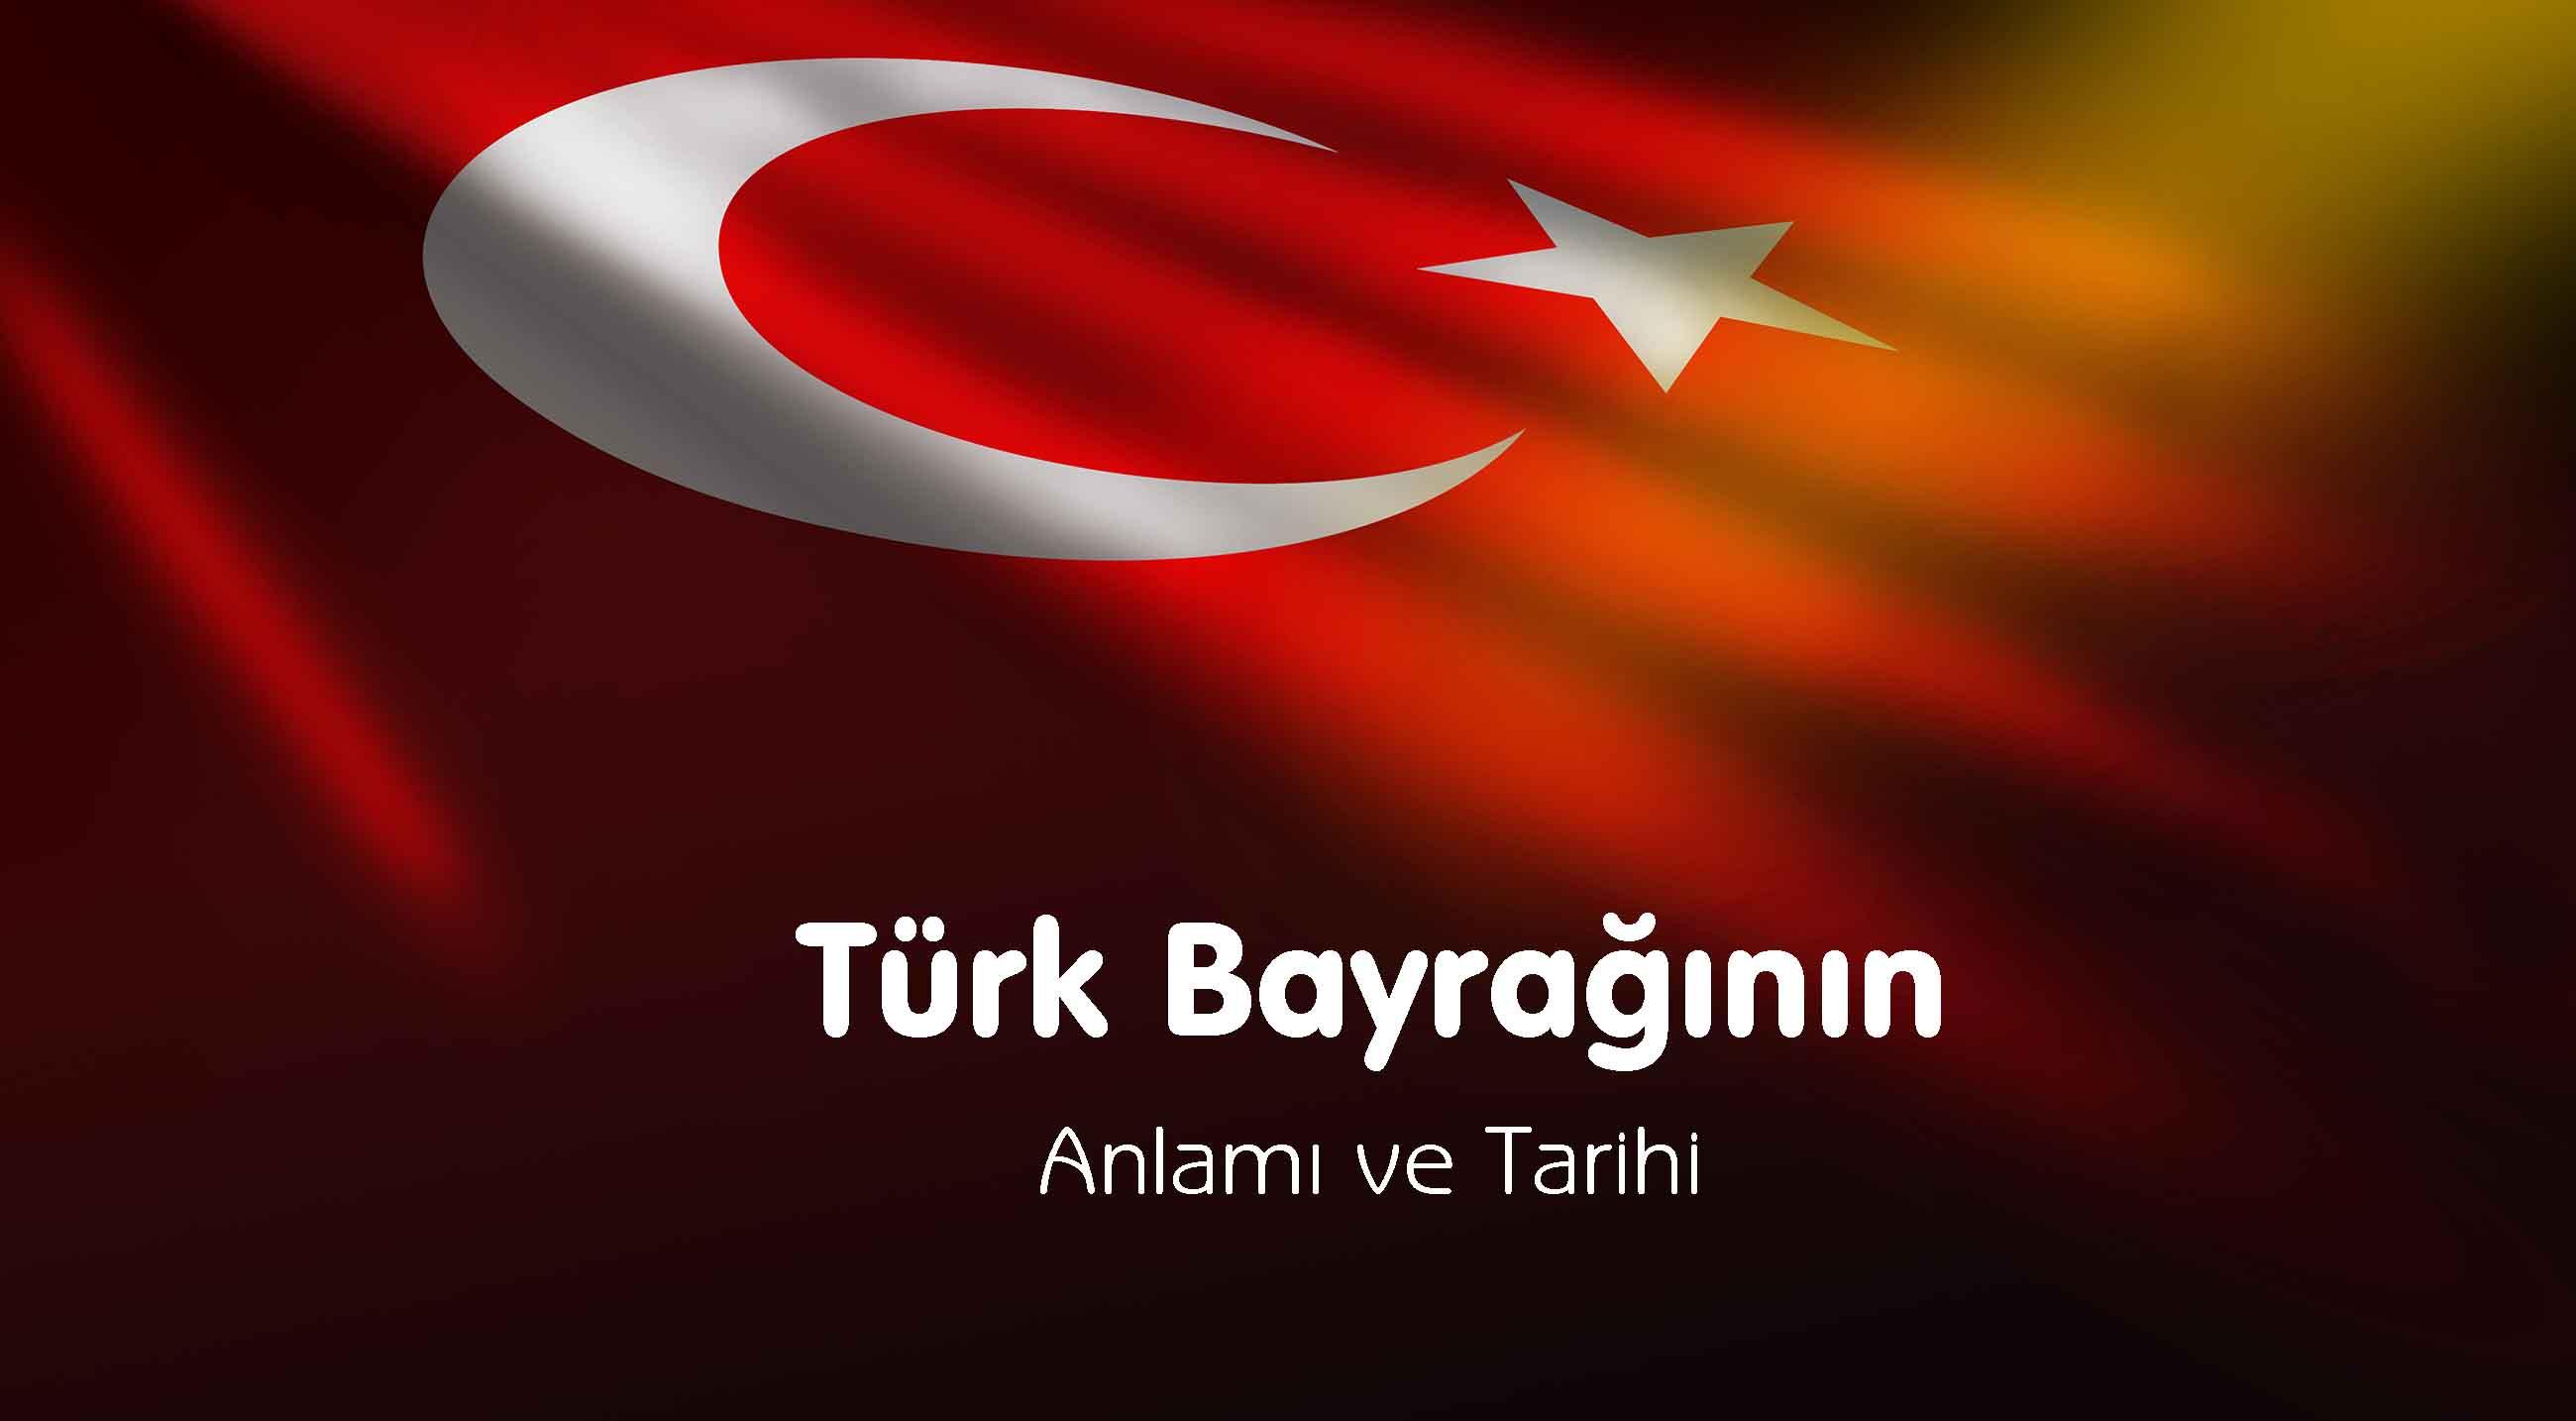 Türk Bayrağının Anlamı ve Tarihi